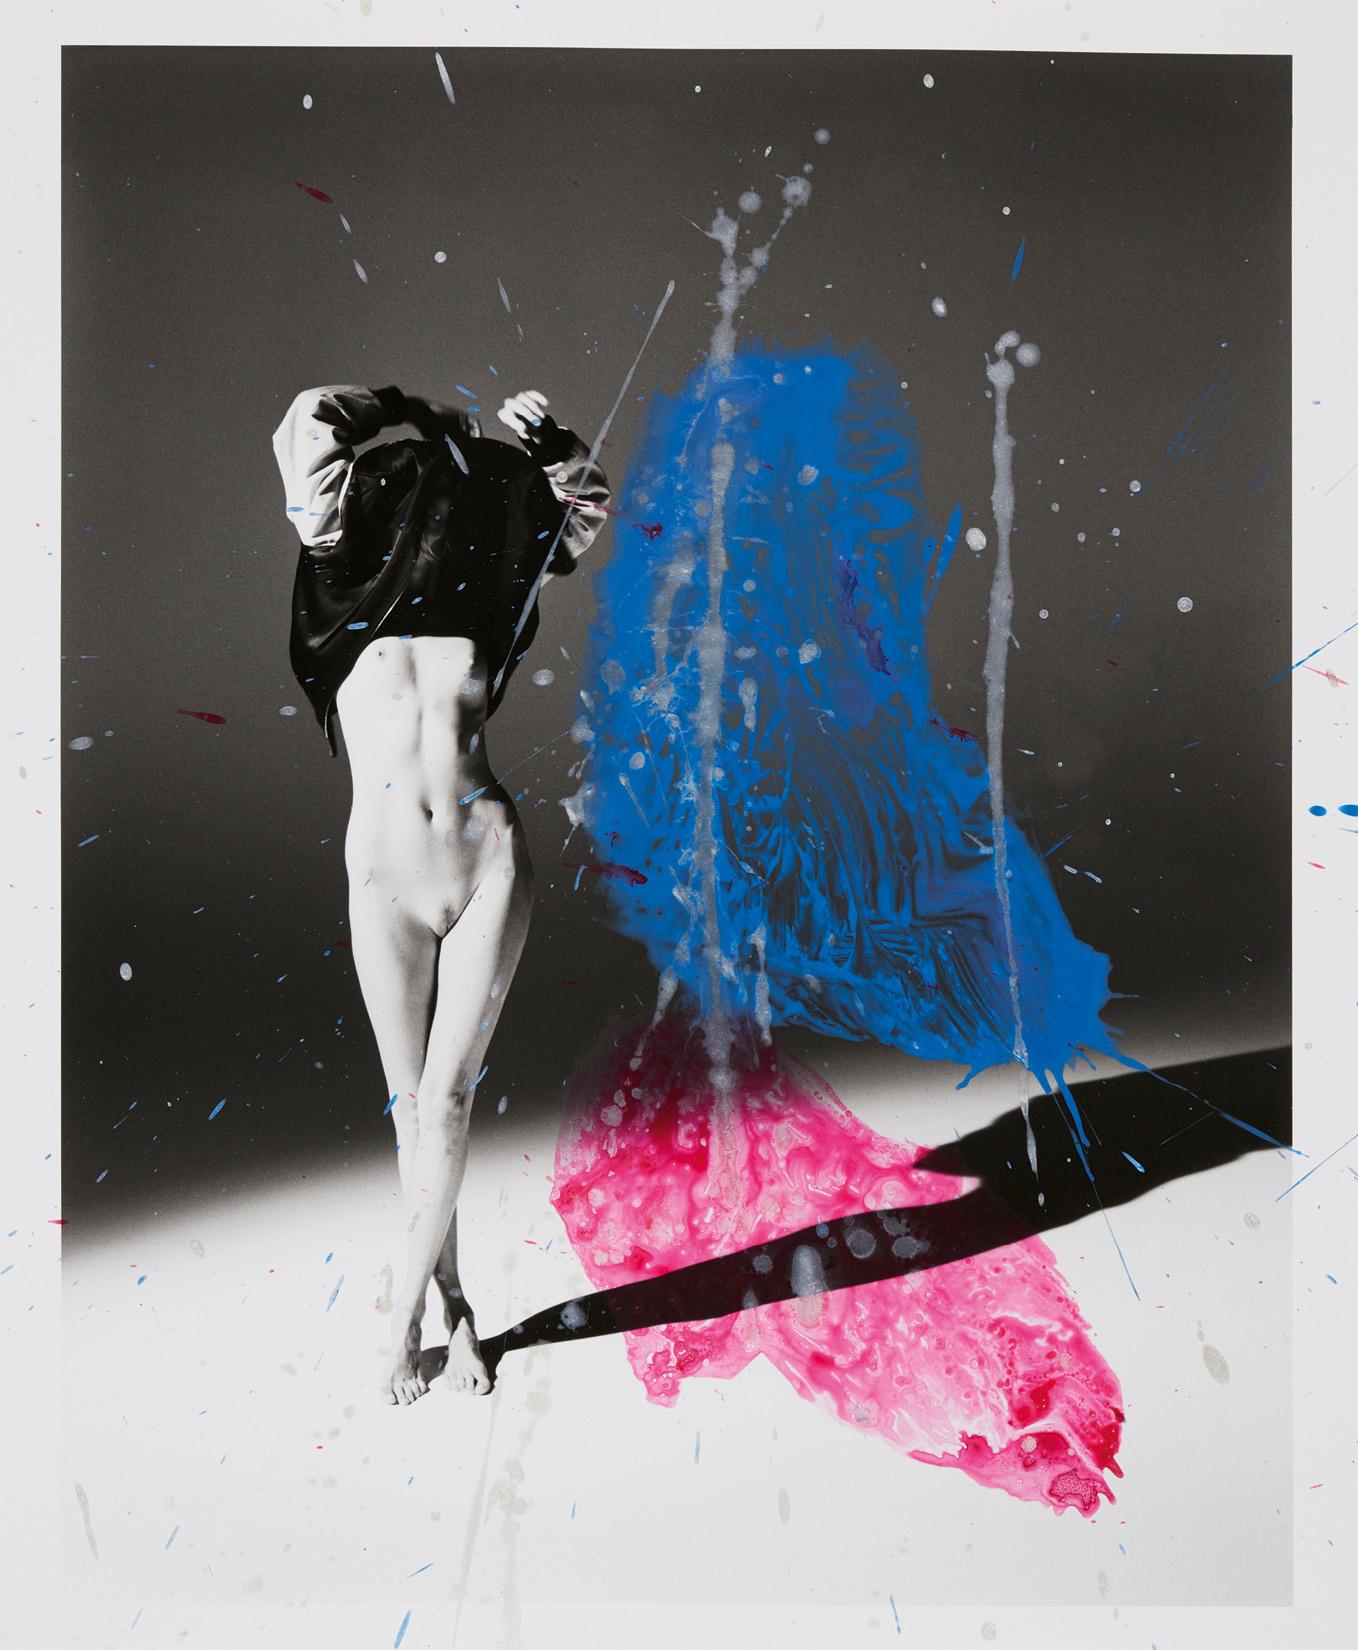 Blouson, SAINT LAURENT PAR ANTHONY VACCARELLO. Nobuyoshi Araki/Courtesy of Saint Laurent and Taka Ishii Gallery.